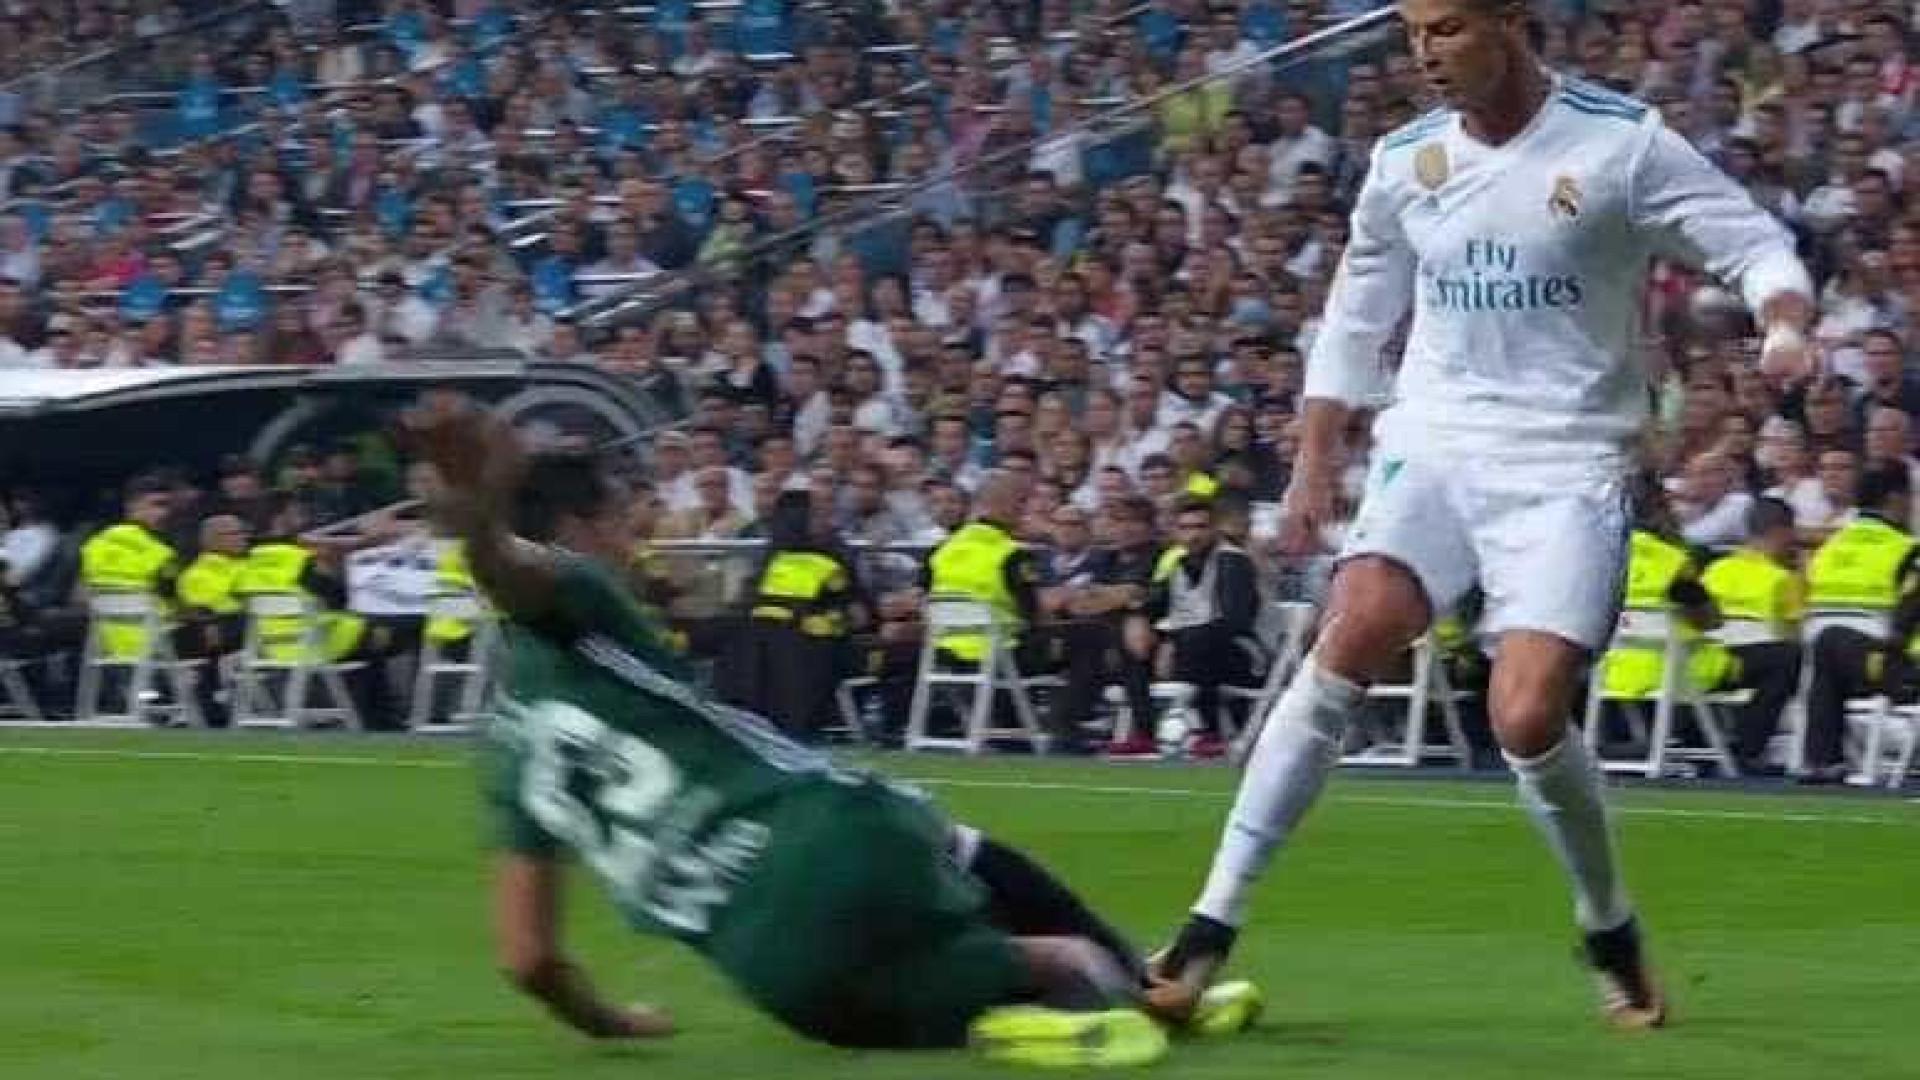 Espanhóis dizem que Ronaldo deveria ter sido expulso neste lance